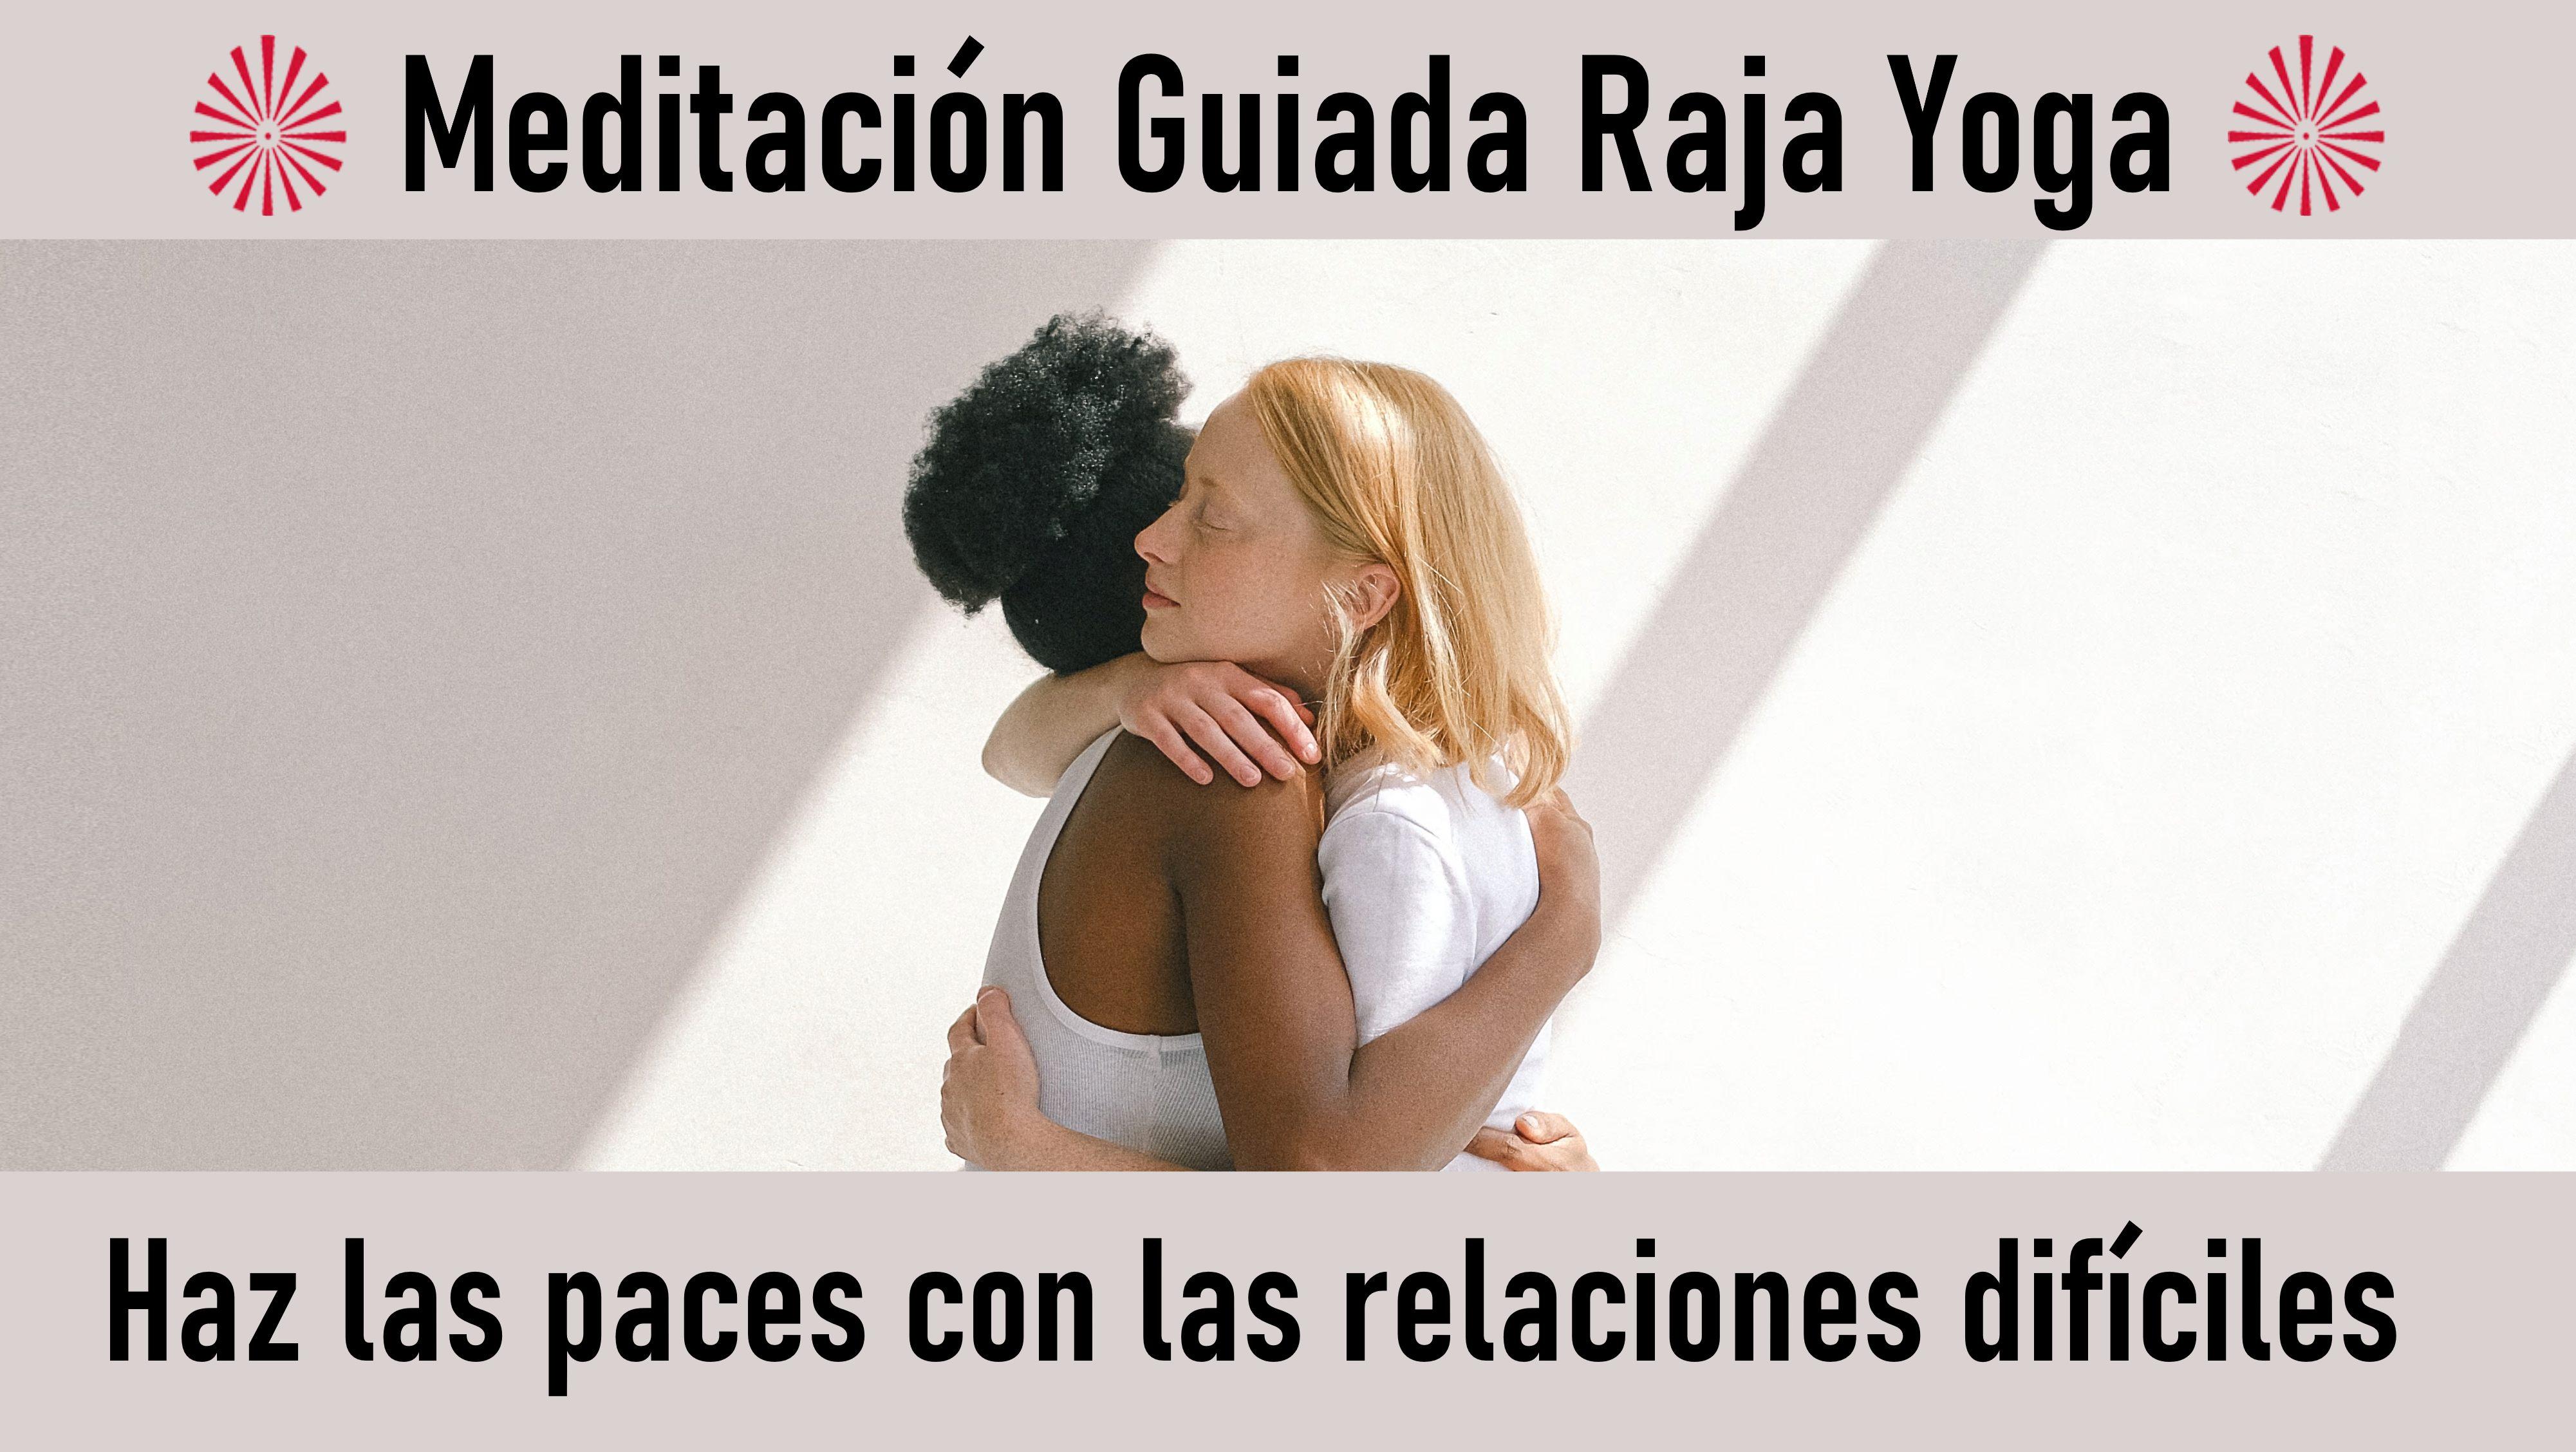 Meditación Raja Yoga: Haz las paces con las relaciones difíciles (12 Octubre 2020) On-line desde Madrid